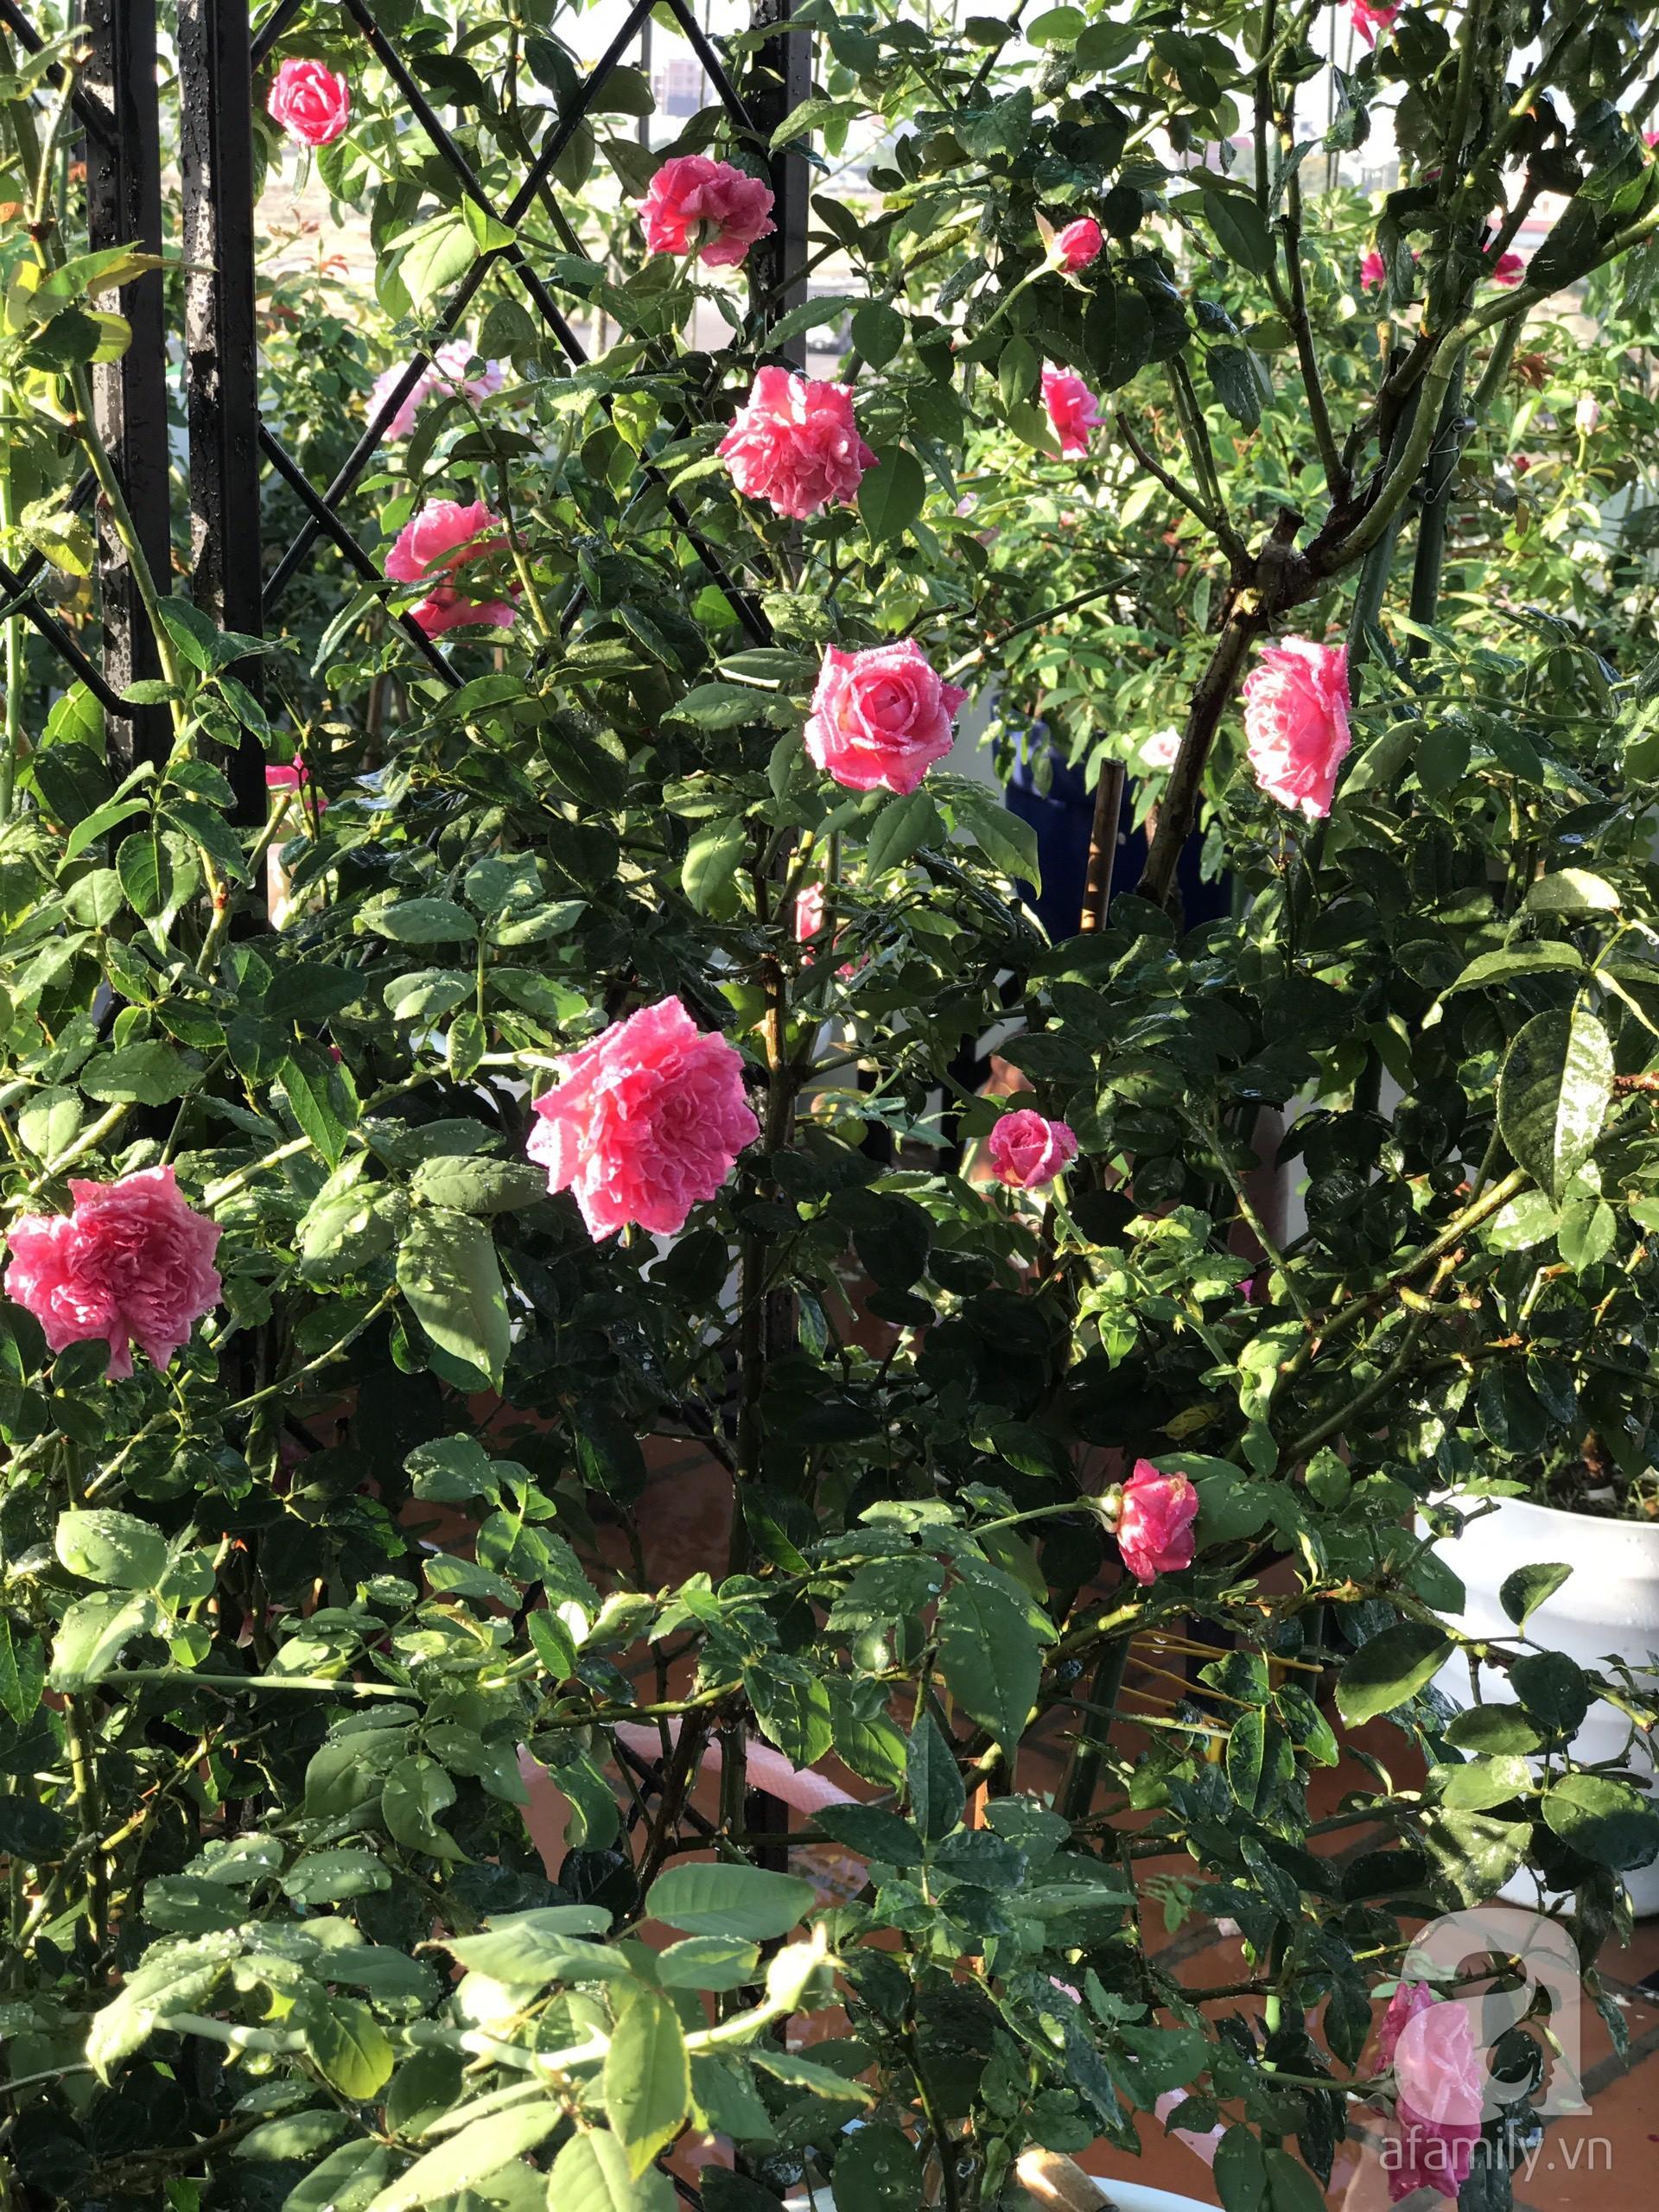 Sân thượng hoa hồng đẹp mộng mơ như trong cổ tích của cô giáo dạy Văn ở thành phố biển Nha Trang - Hình 18